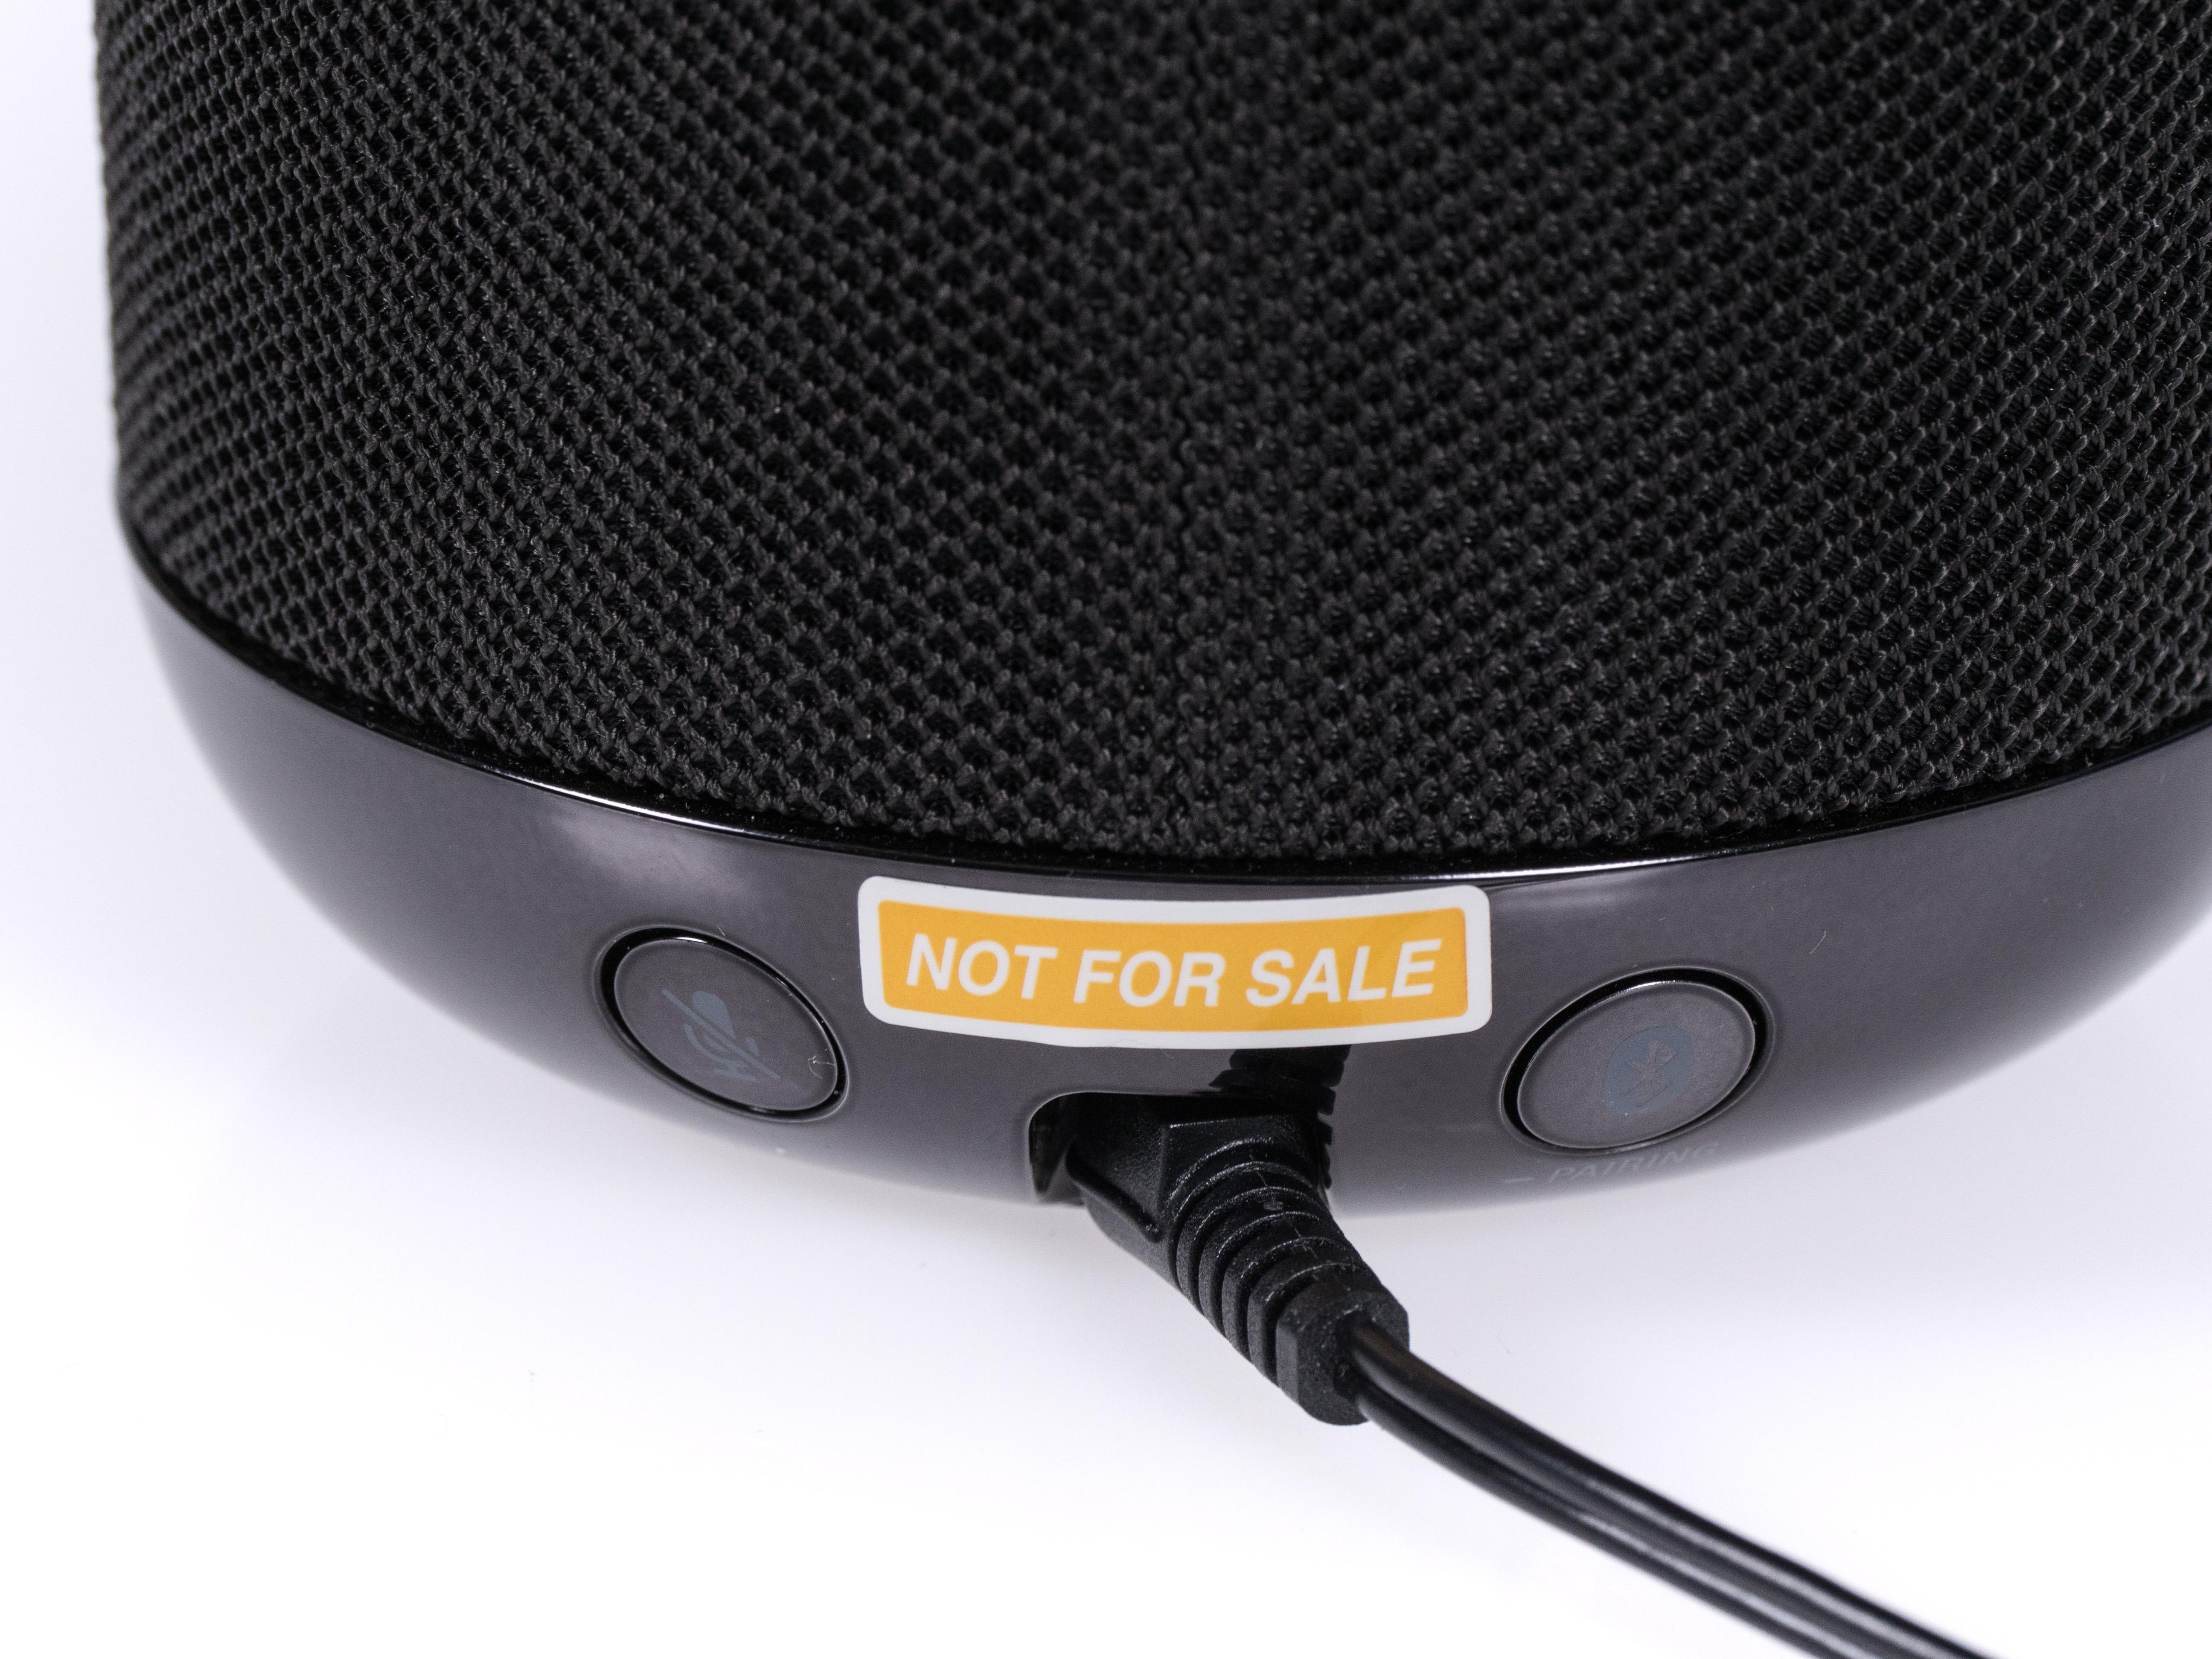 Alexa-Geräte und ihre Konkurrenz im Test: Der perfekte smarte Lautsprecher ist nicht dabei - Der Stummschalter am Sony-Lautsprecher ist schlecht erreichbar. (Bild: Martin Wolf/Golem.de)